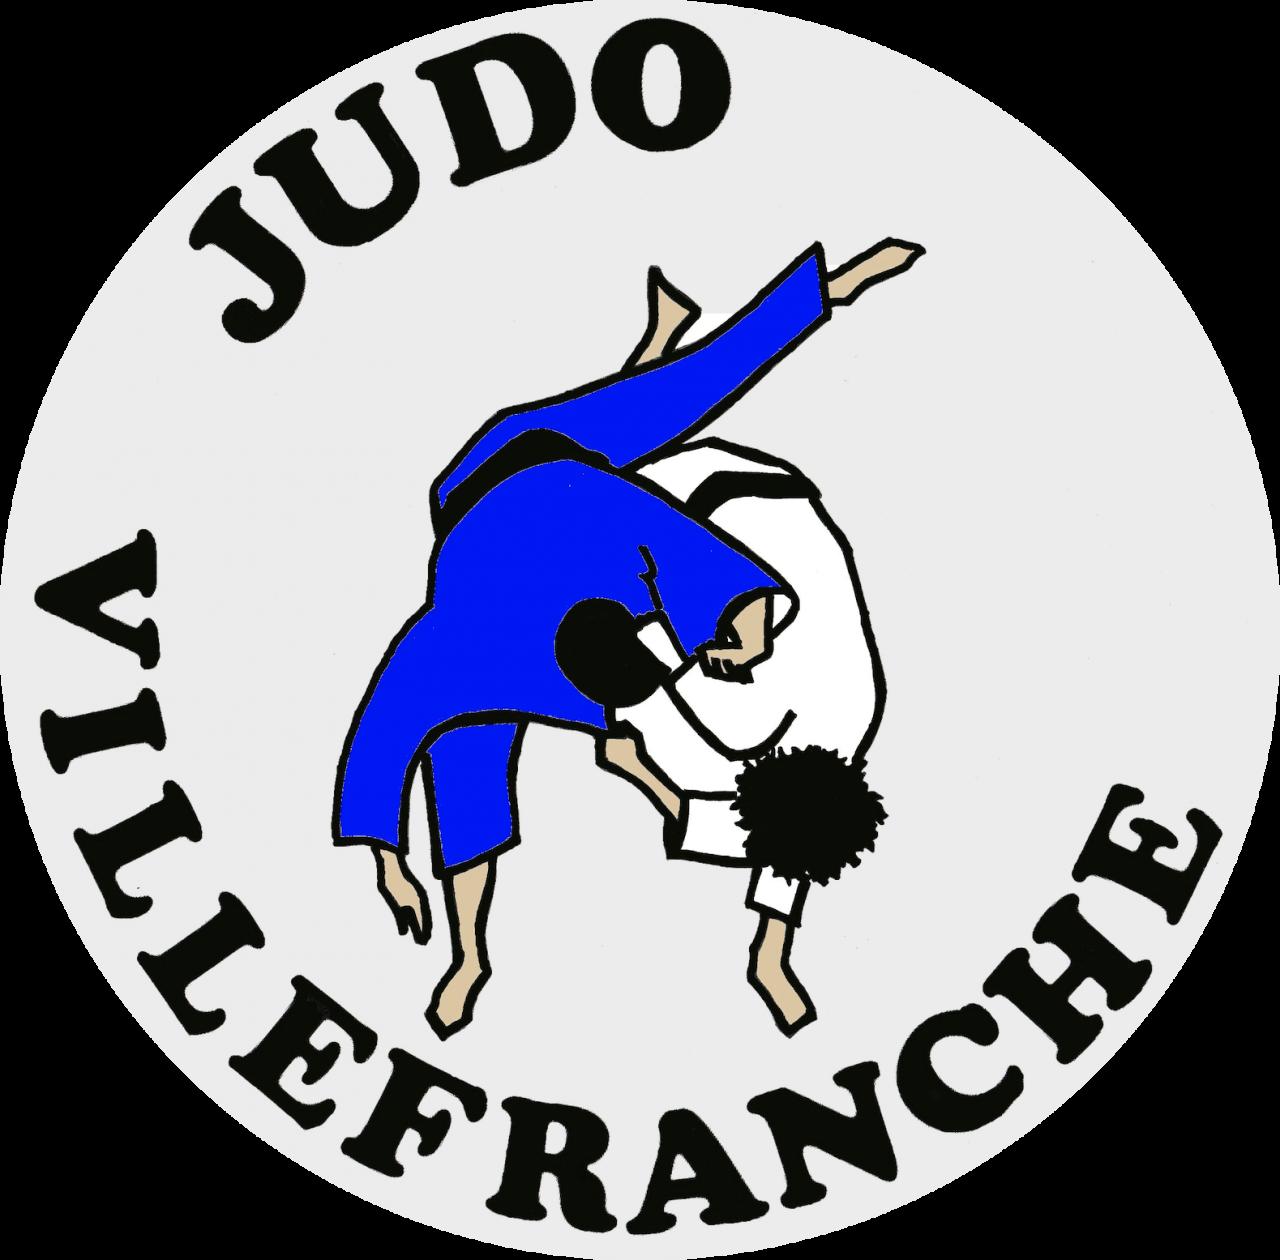 JUDO VILLEFRANCHE